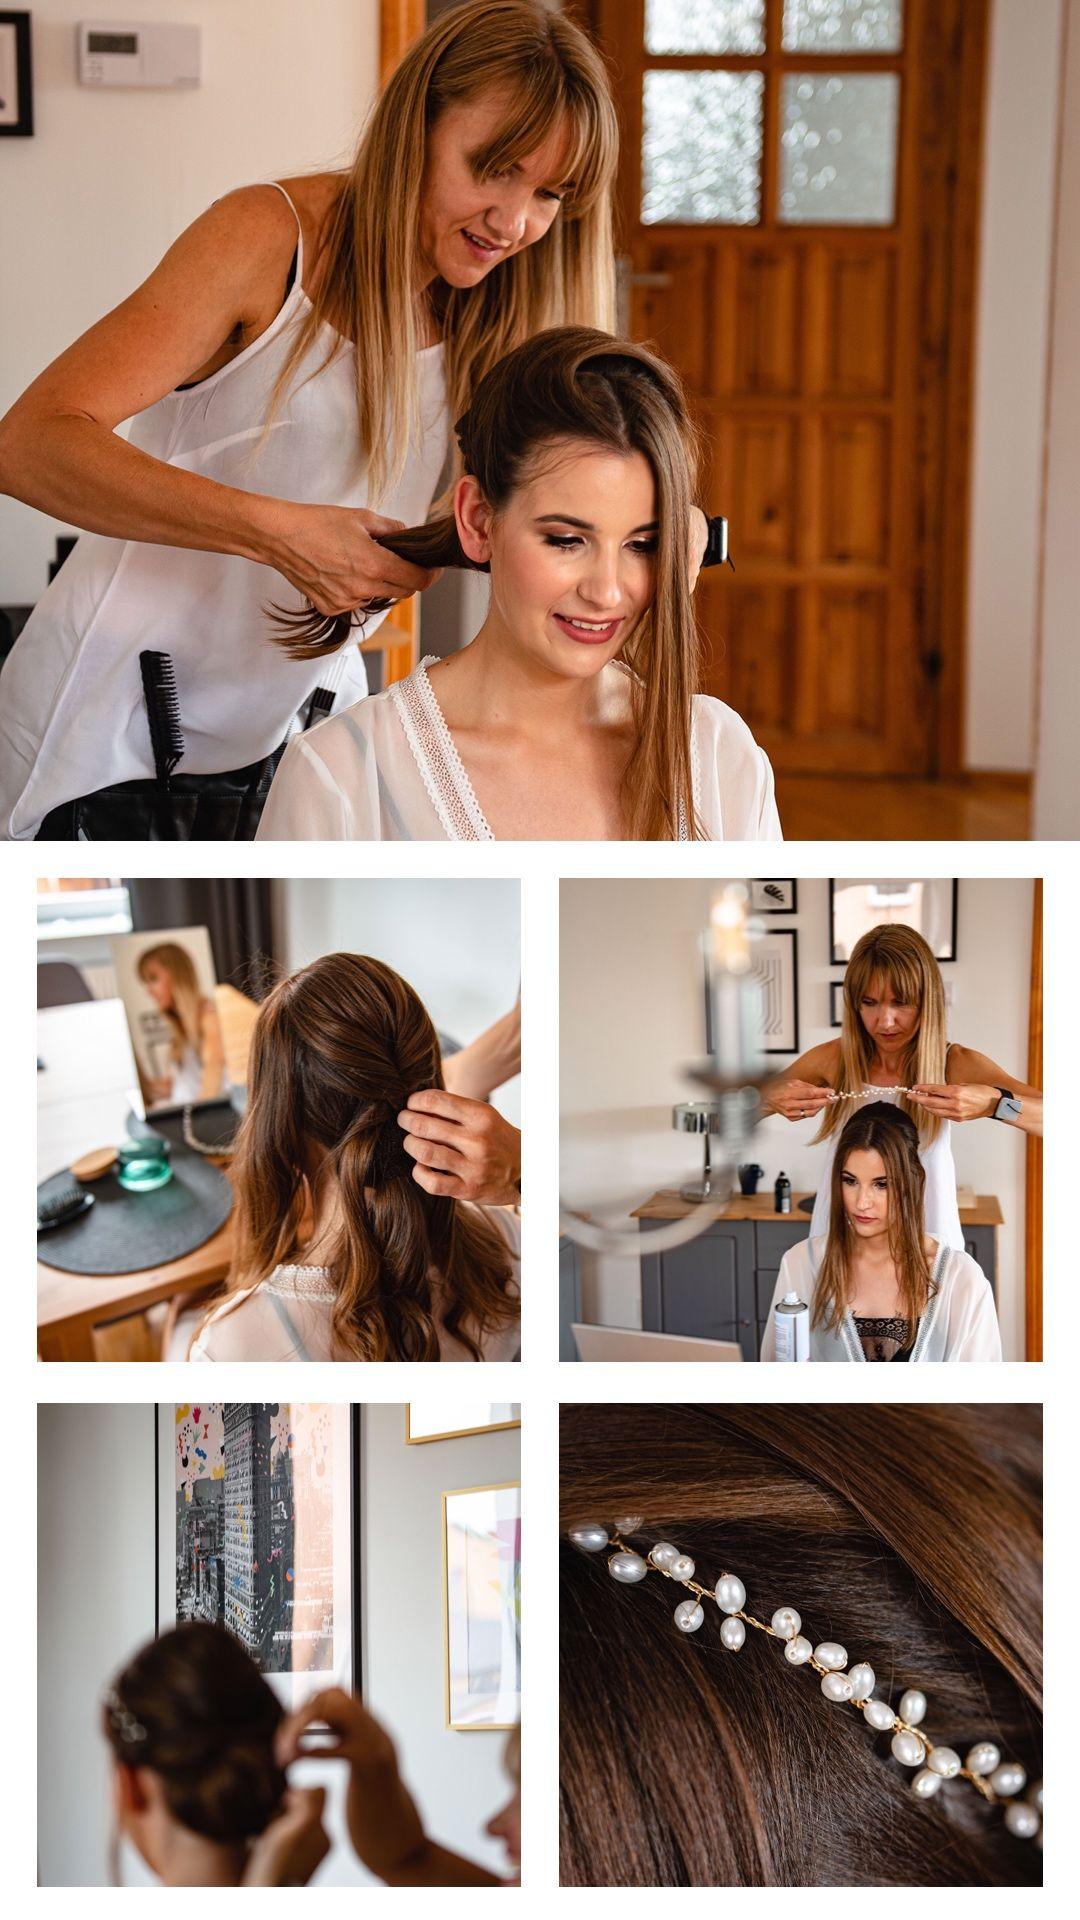 fryzura na wesele, fryzura Pani Młodej, przygotowania wesele, jak się uczesać na ślub